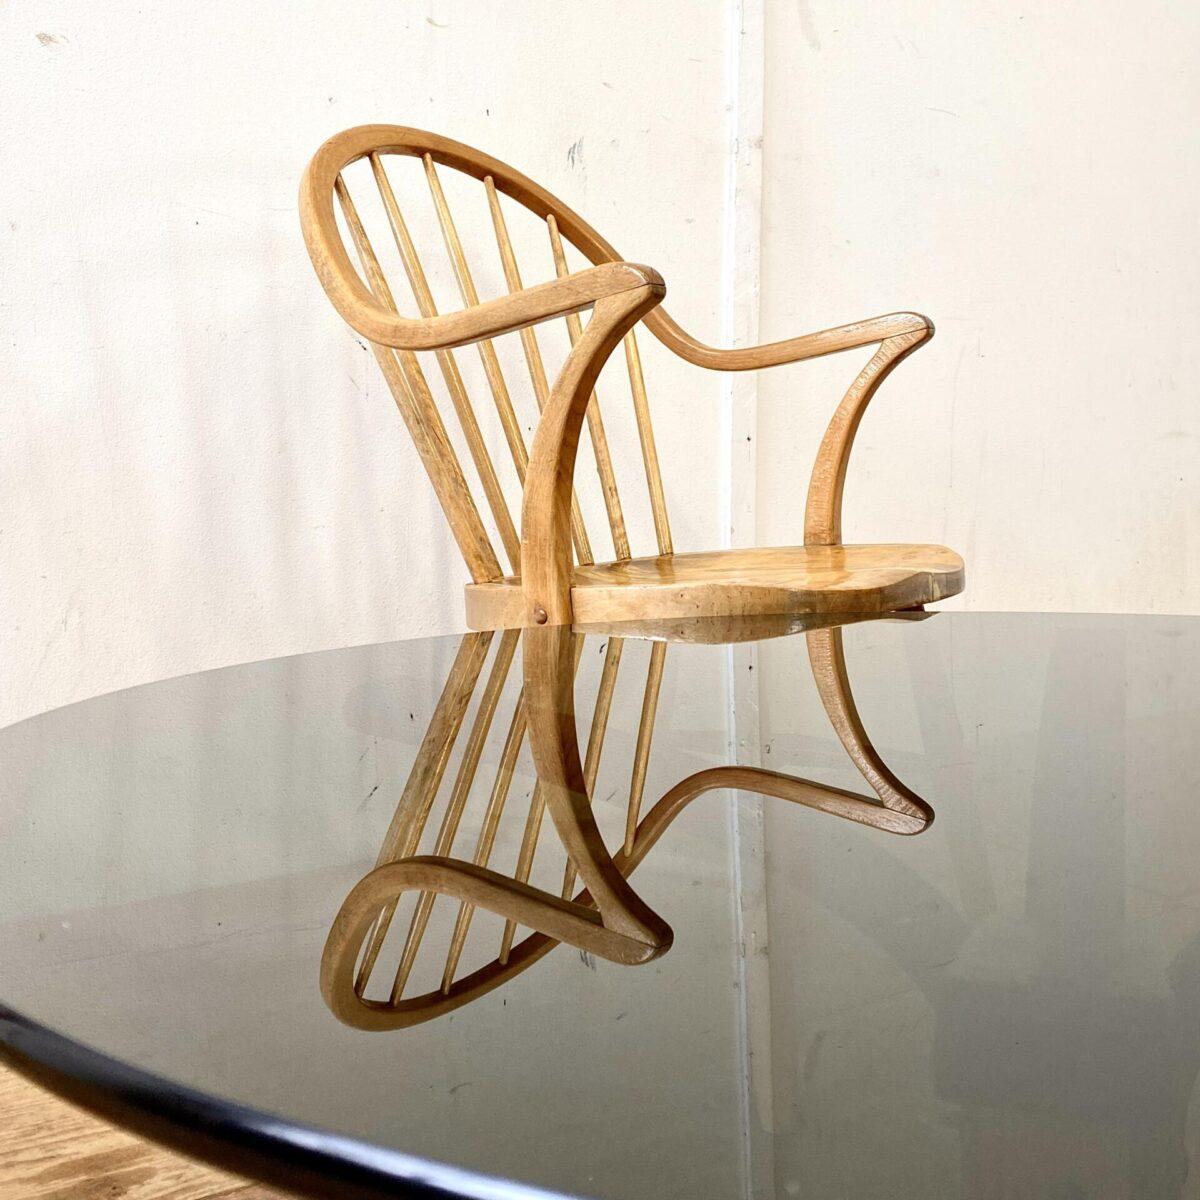 Deuxieme.shop Glas Salontisch von Ingmar Relling für Westnofa aus den 60er Jahren. Durchmesser 90cm Höhe 40cm. Das Tischblatt aus schwarzem Rauchglas ist 12mm dick. Der Unterbau ist aus Buche Formsperrholz.